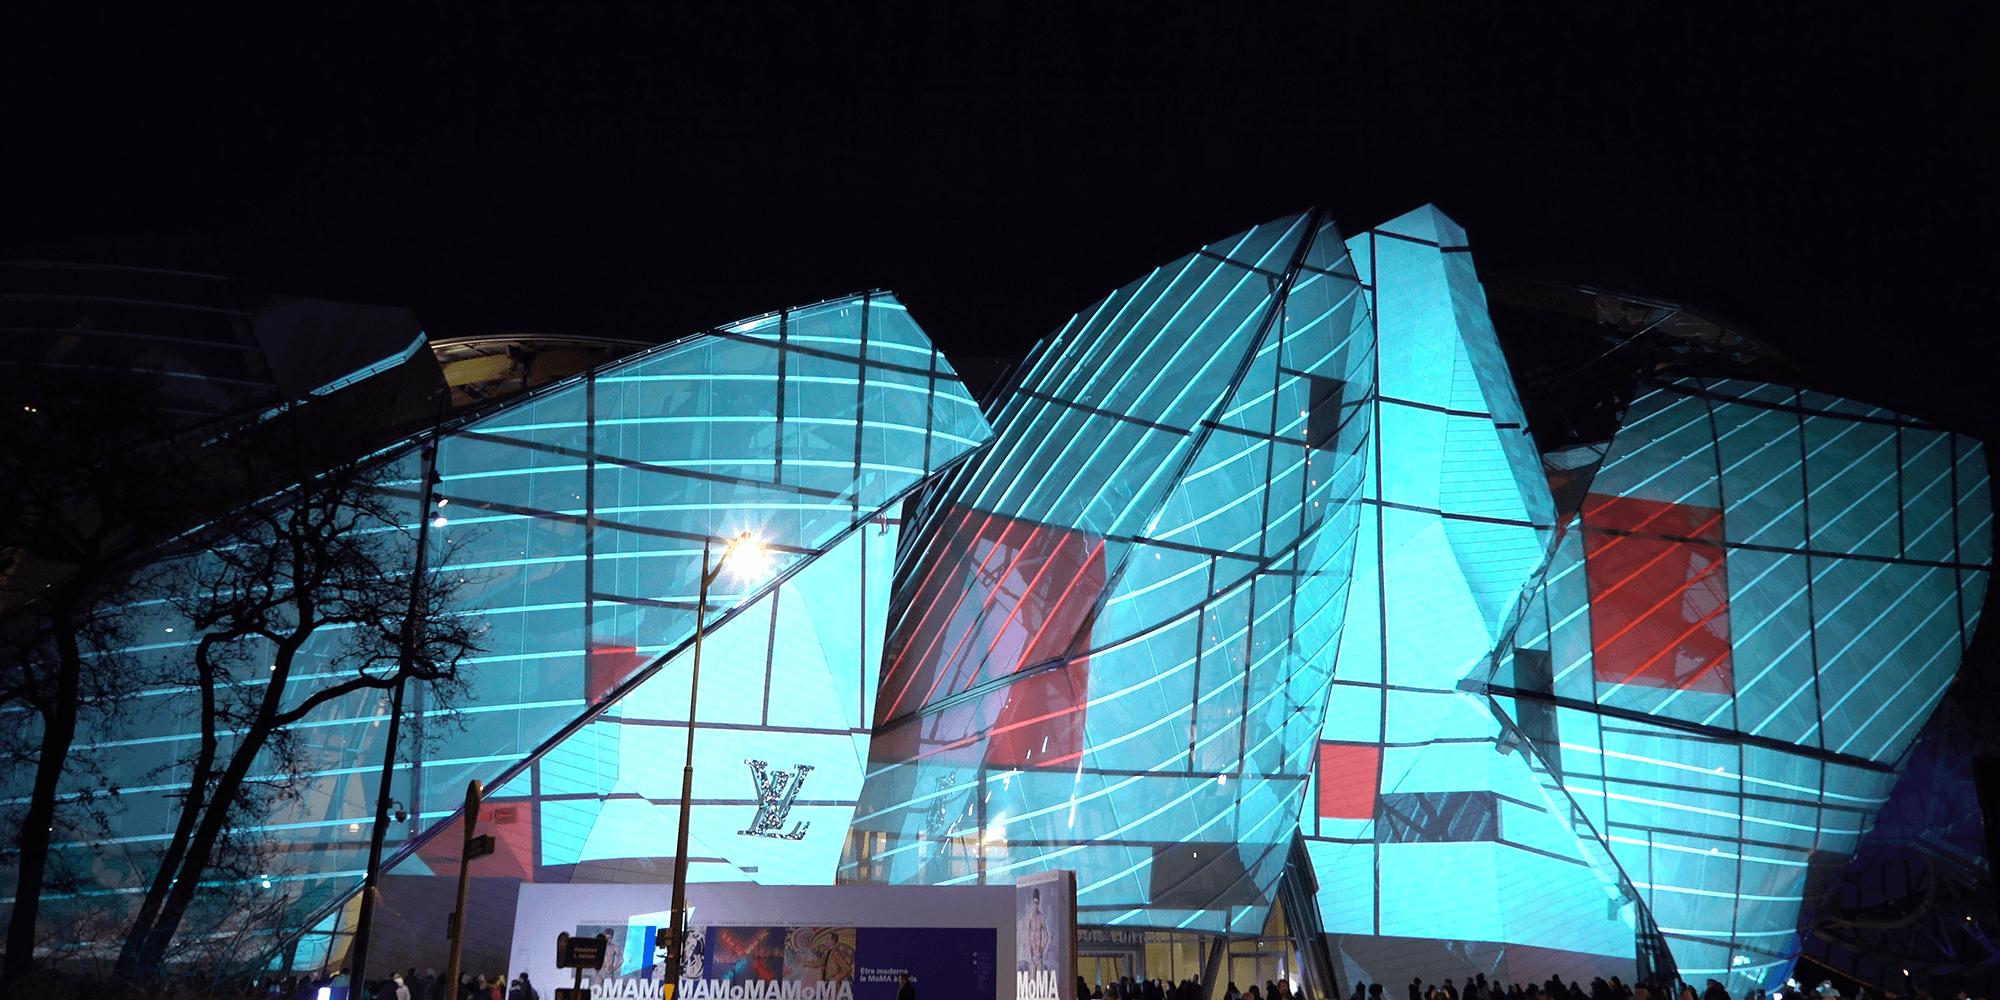 Athem - Expo Moma Paris